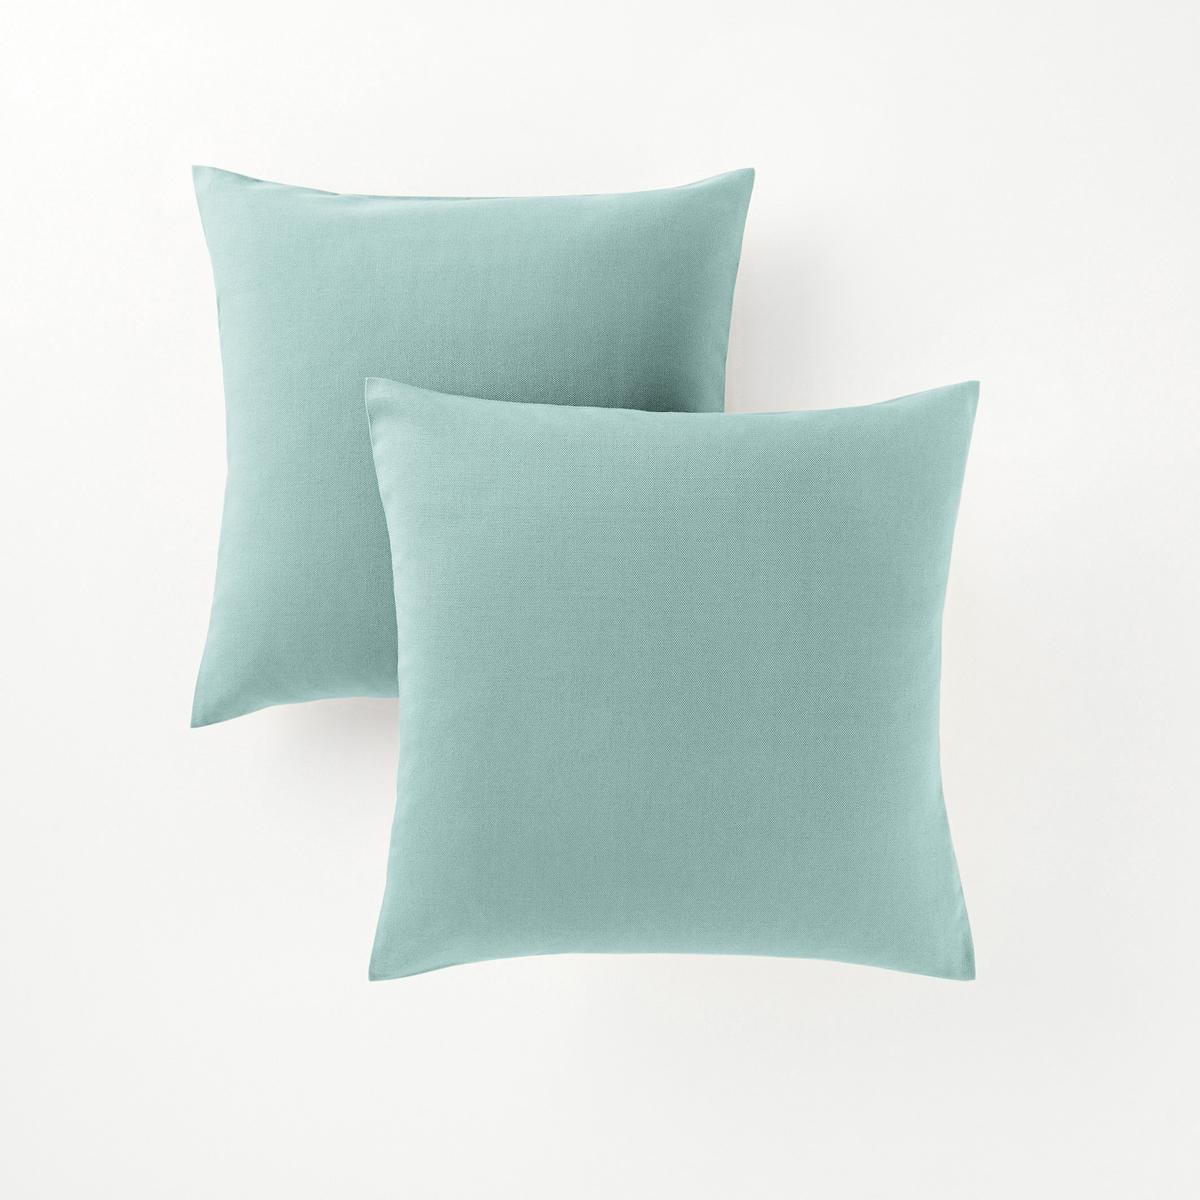 2 квадратных или прямоугольных чехла на подушки2 квадратных или прямоугольных чехла на подушки : декоративная расцветка, можно сочетать по желанию !       Характеристики 2 или прямоугольных чехлов на подушки :- Чехлы на подушки из красивой и очень прочной ткани (220 г/м?), застежка на молнии.- Гарантия расцветки : превосходная стойкость от воздействия солнечных лучей и стирок (40 °С).В комплекте 2 чехла одного цвета.                             Качество VALEUR S?RE.Подушки продаются отдельно.                                            Сертификат Oeko-Tex® дает гарантию того, что товары изготовлены без применения химических средств и не представляют опасности для здоровья человека.<br><br>Цвет: бледно-зеленый